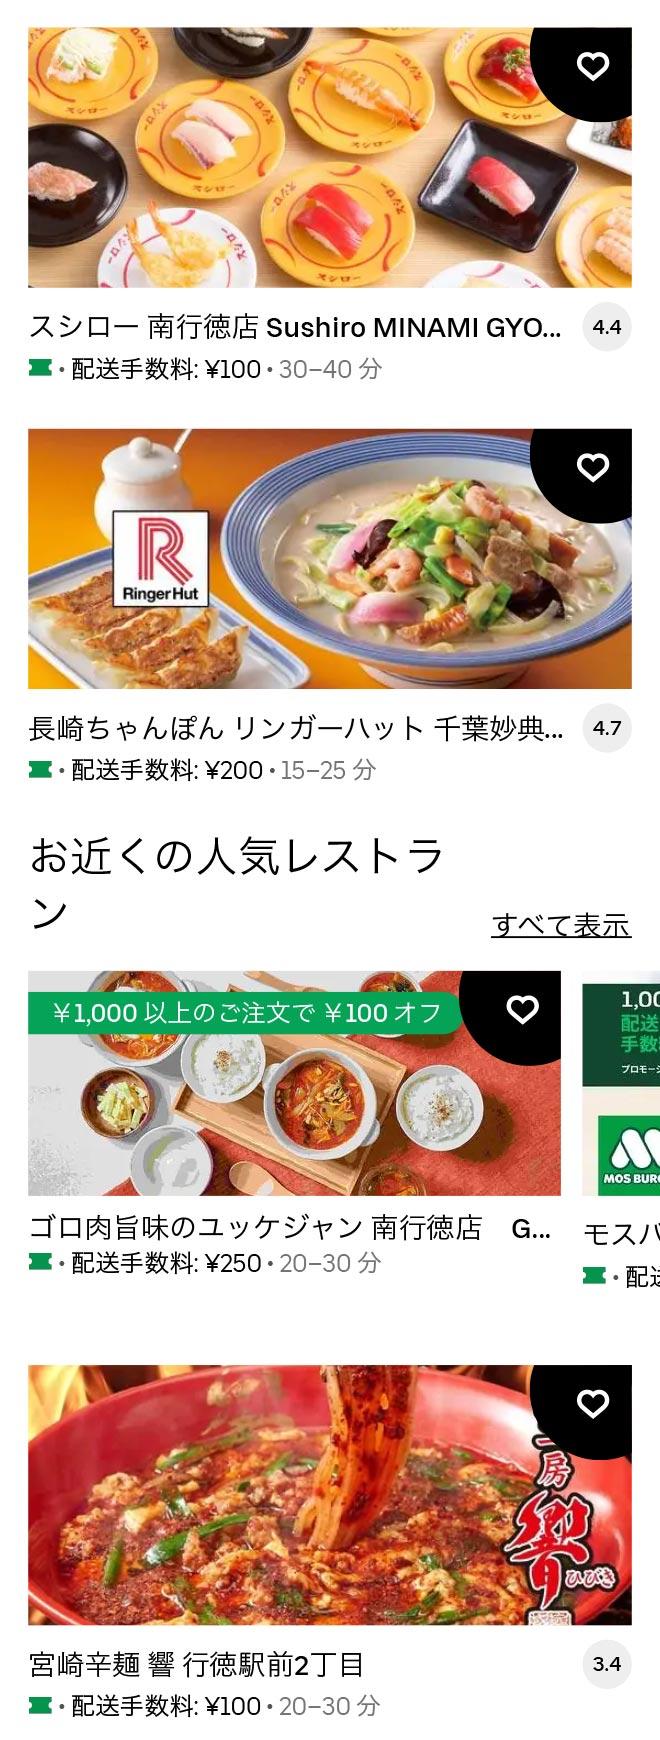 U gyotoku 2105 09